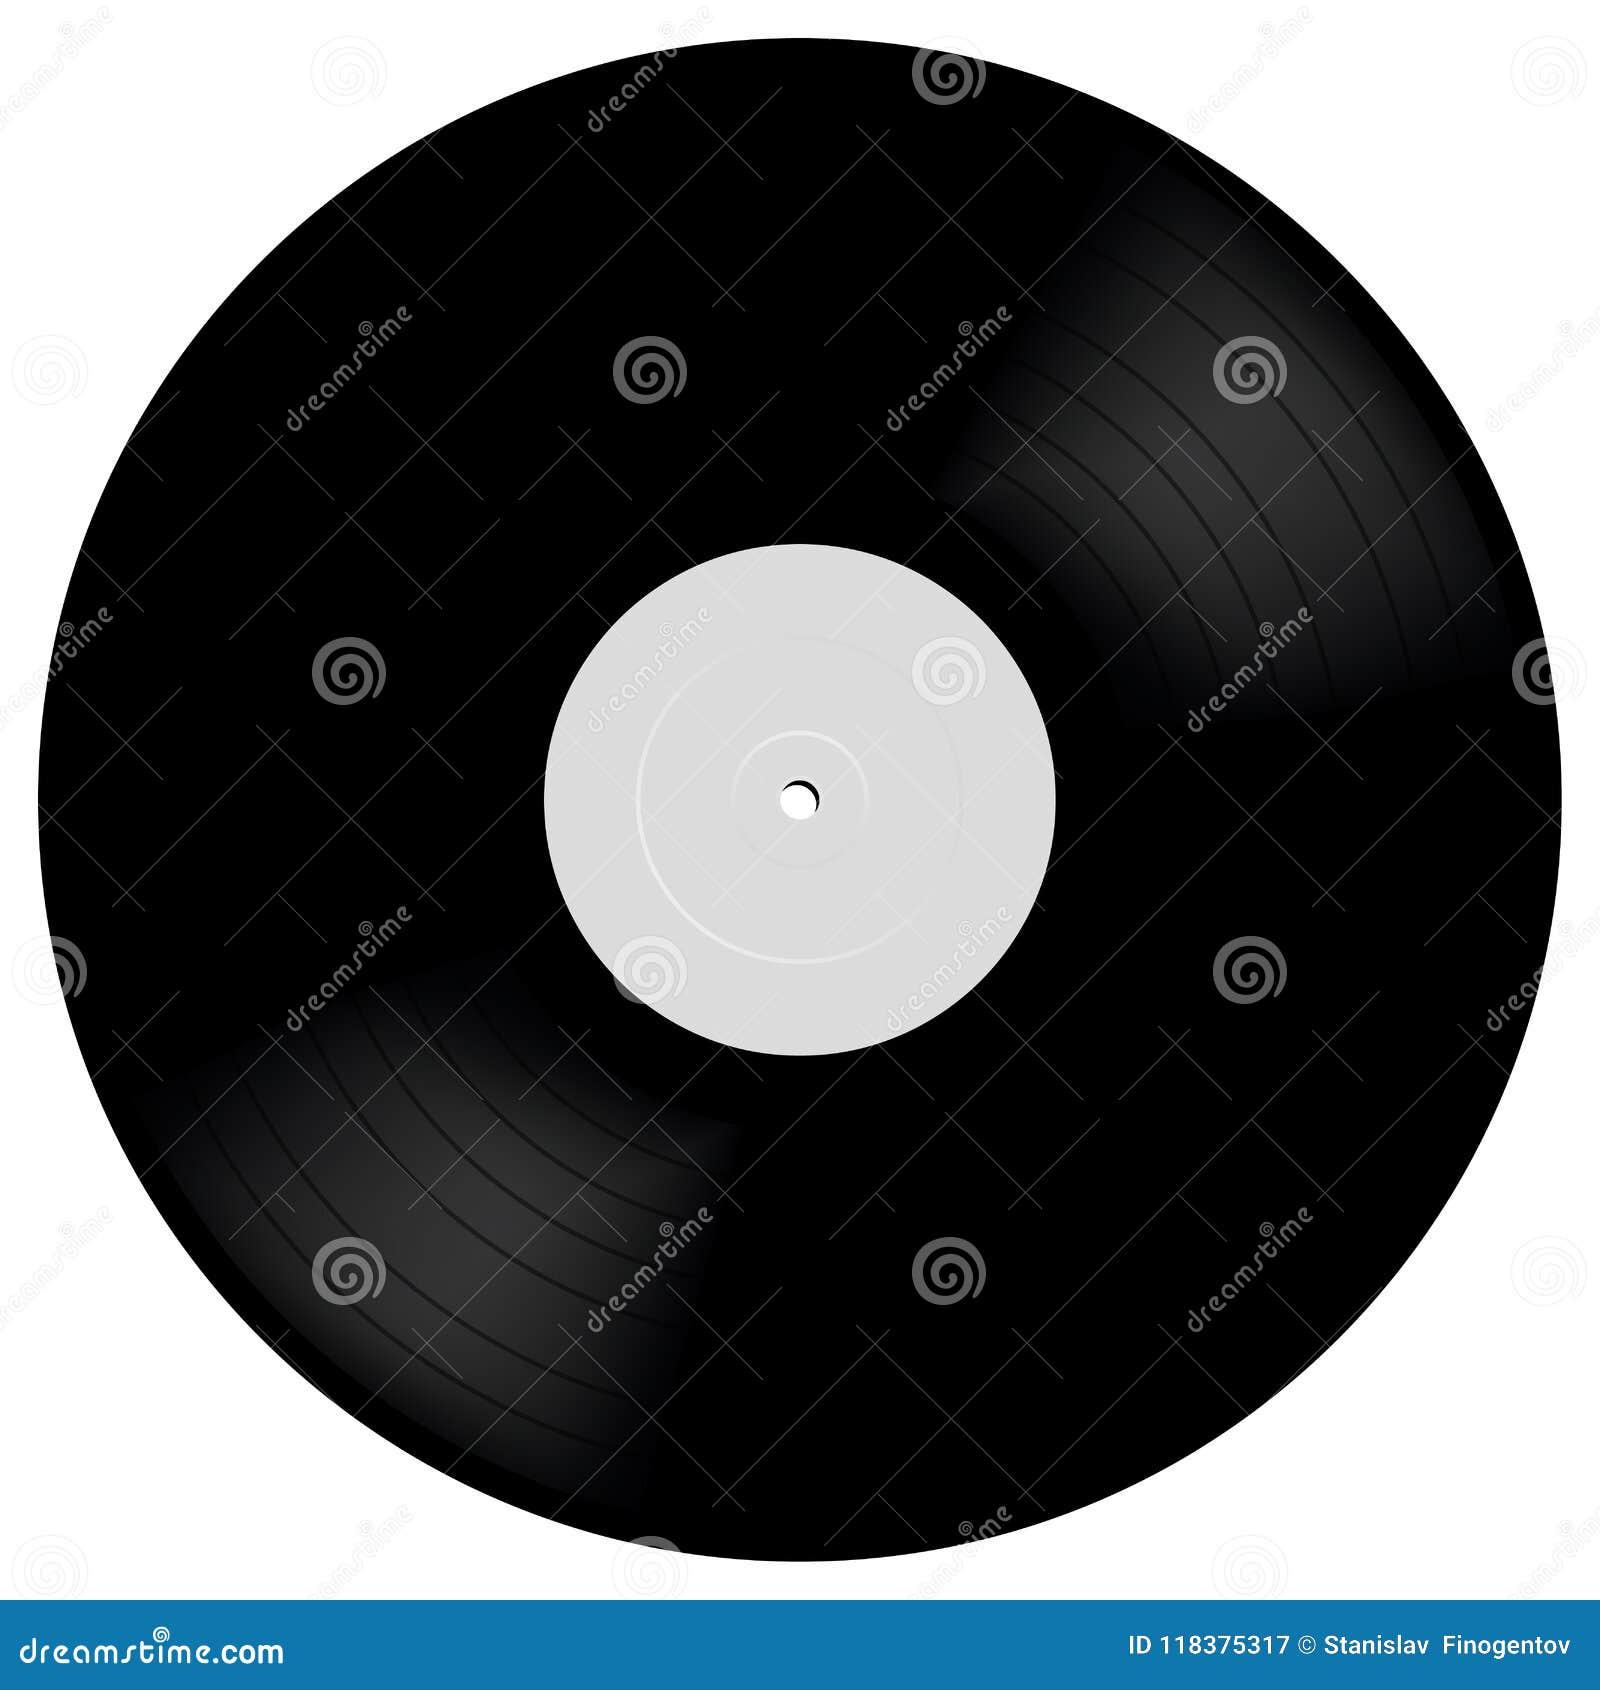 Показатель LP винила в реалистическом стиле Черный музыкальный диск 33 rpm альбома длинной игры Иллюстрация модель-макета вектора